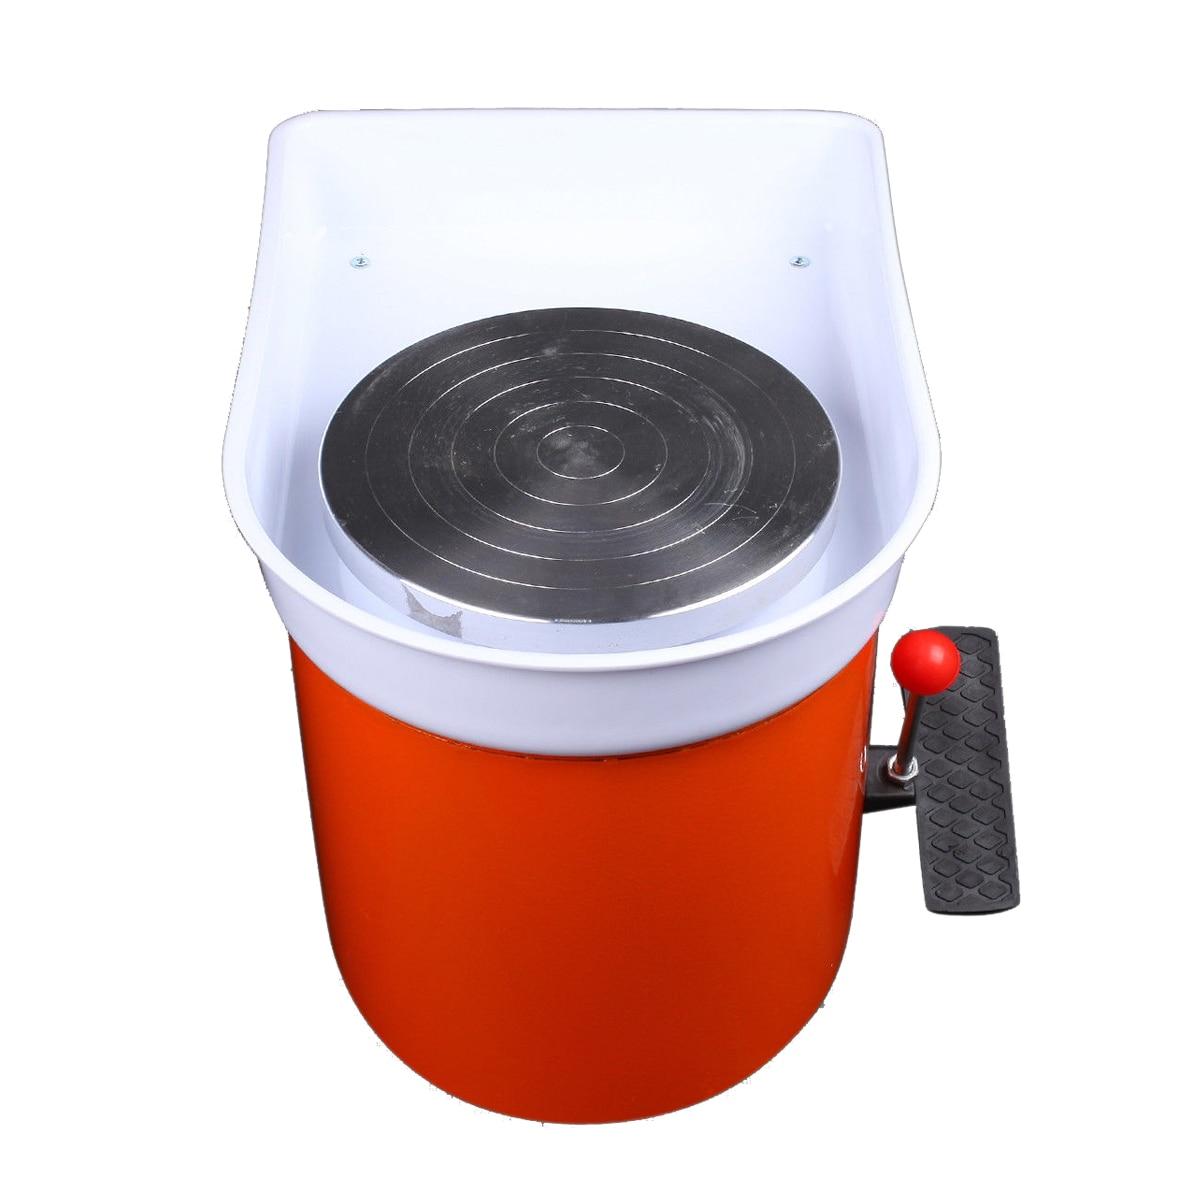 250 W 220 V poterie roue en céramique argile Machine pied pédale en céramique argile Art moule pour le travail de la céramique - 4